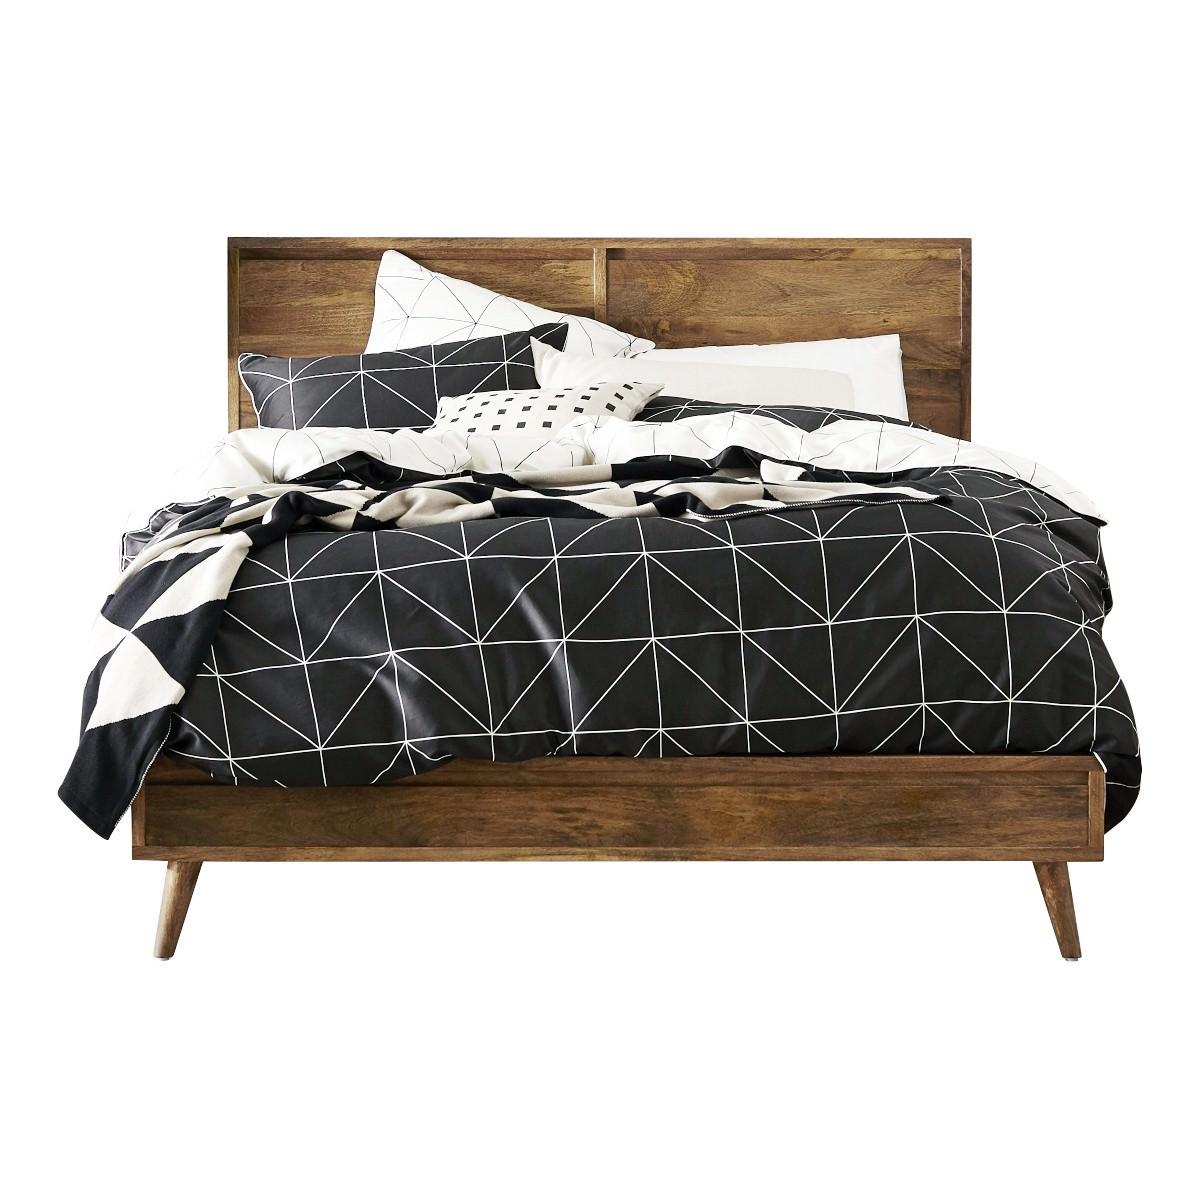 Elvina Mango Wood Bed, Queen